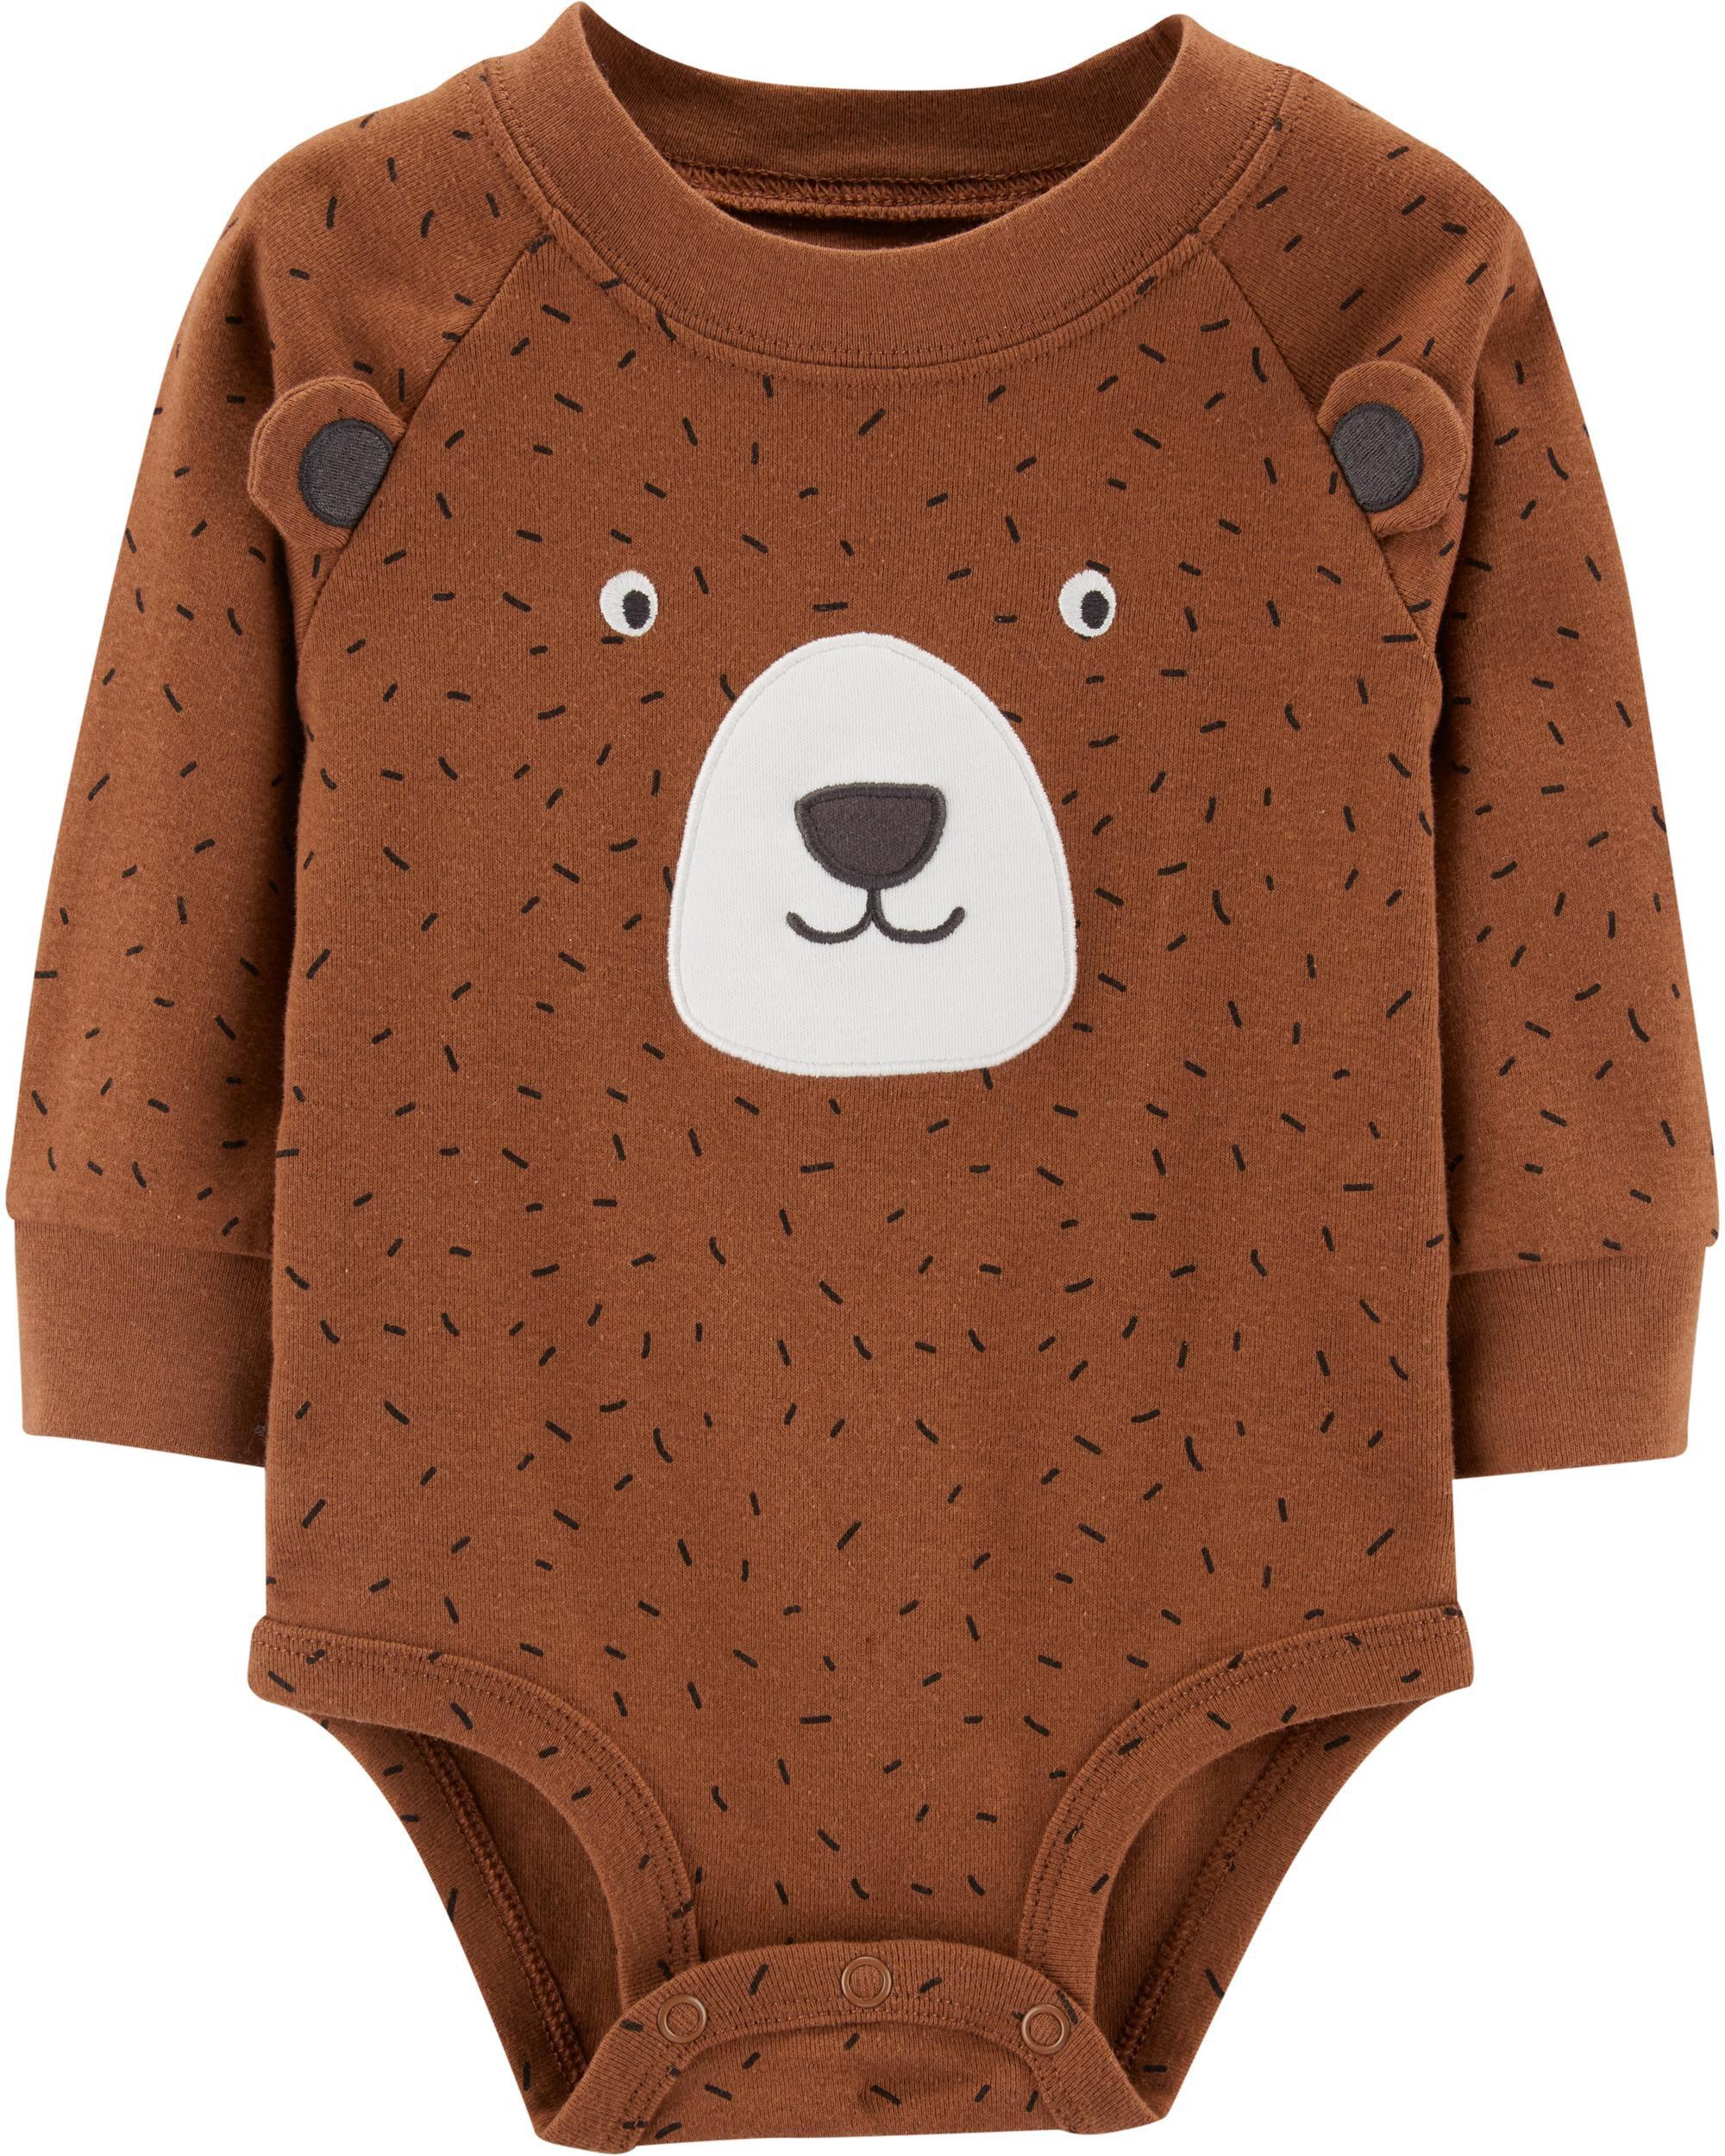 *DOORBUSTER*Bear Collectible Bodysuit